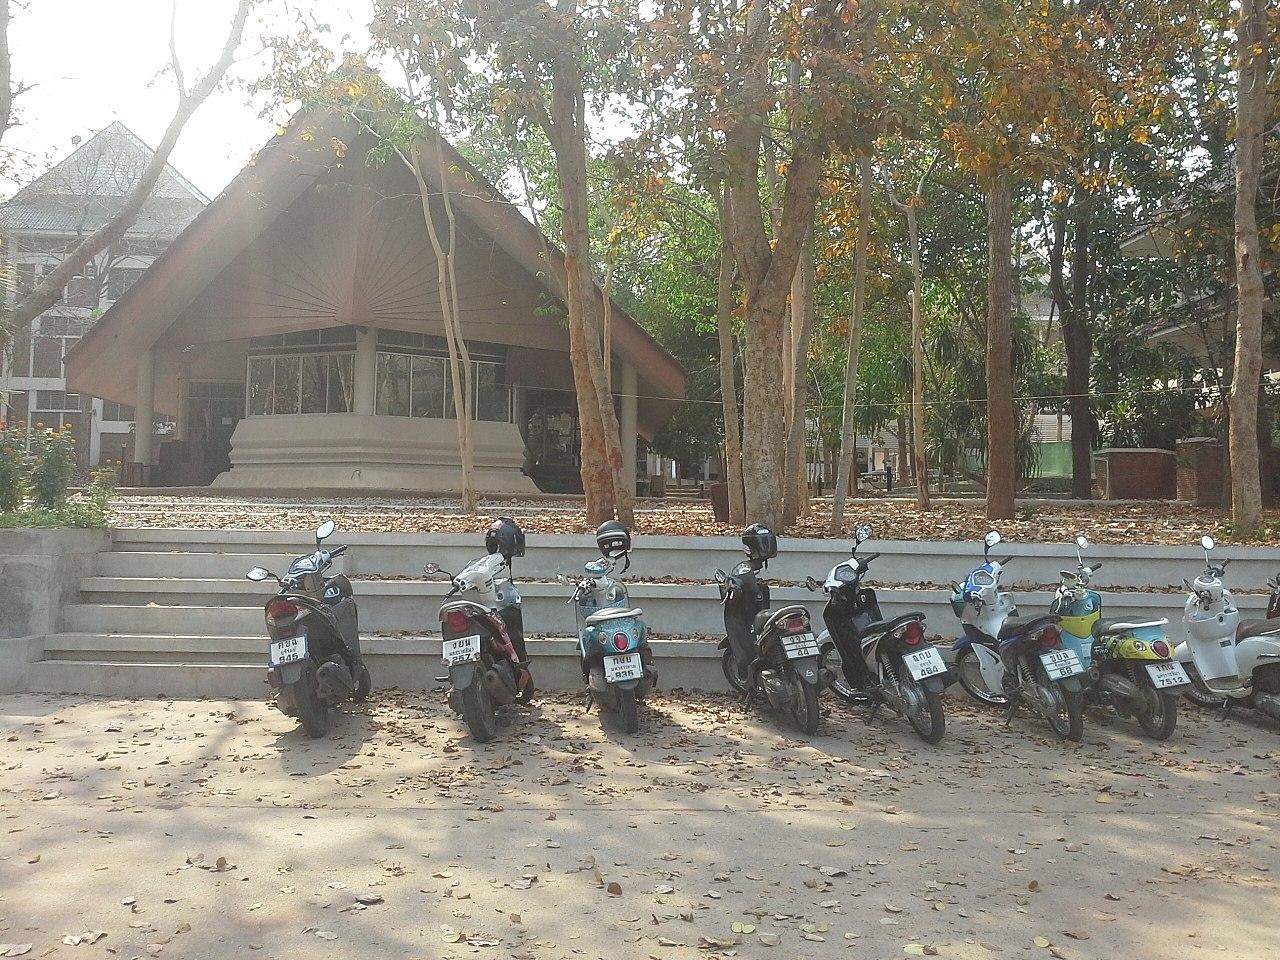 Foreign biker hunted in Khon Kaen after masseuse beaten, rape